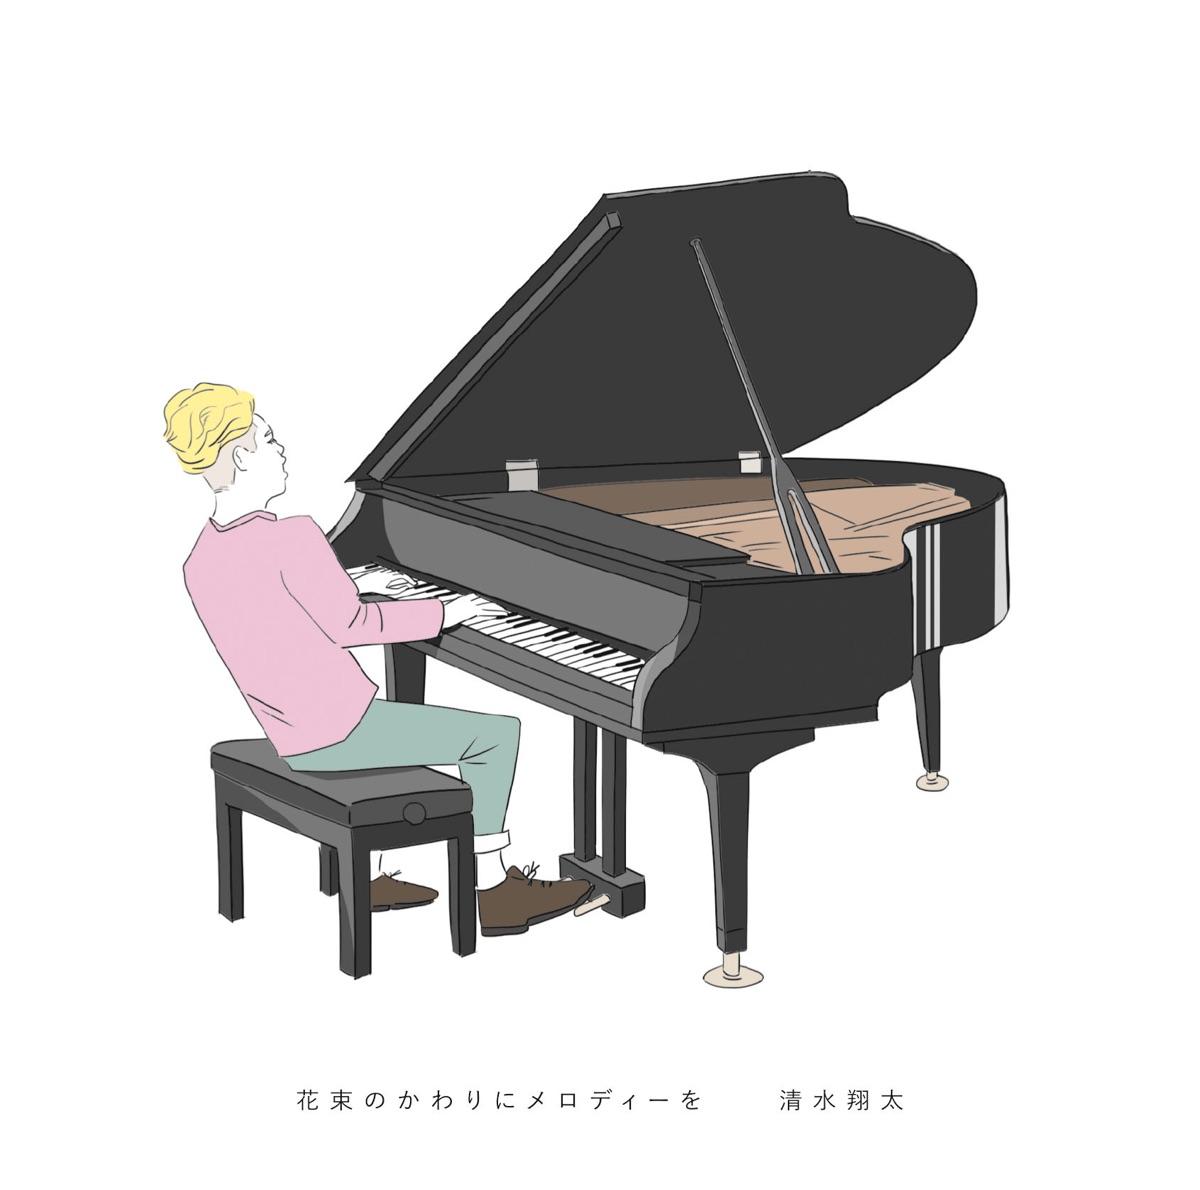 『清水翔太 - 花束のかわりにメロディーを』収録の『花束のかわりにメロディーを』ジャケット